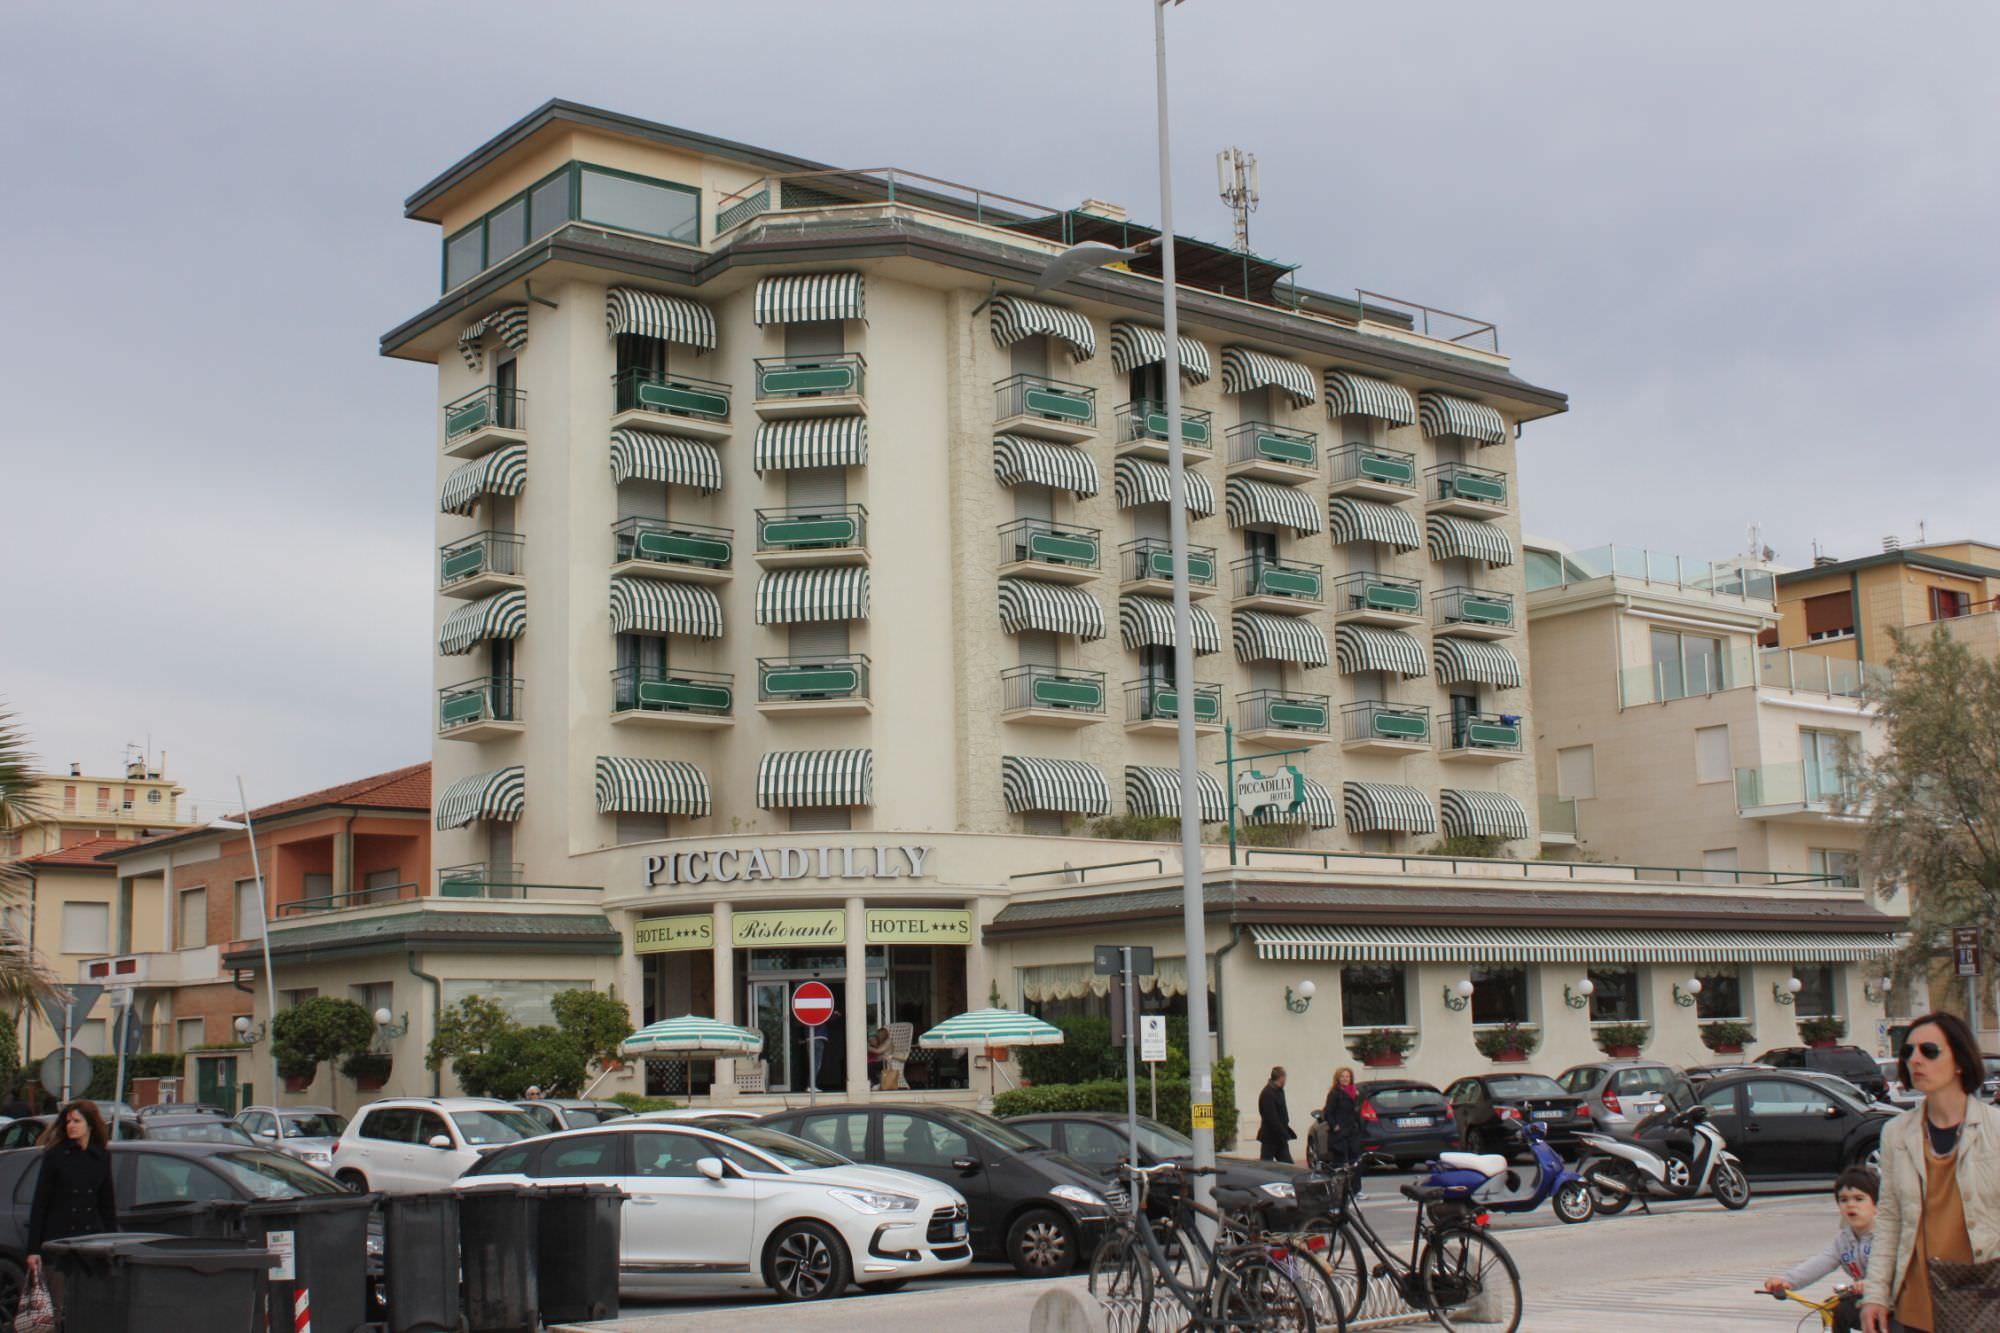 Hotel, scadono i termini per comunicare i prezzi massimi del 2016